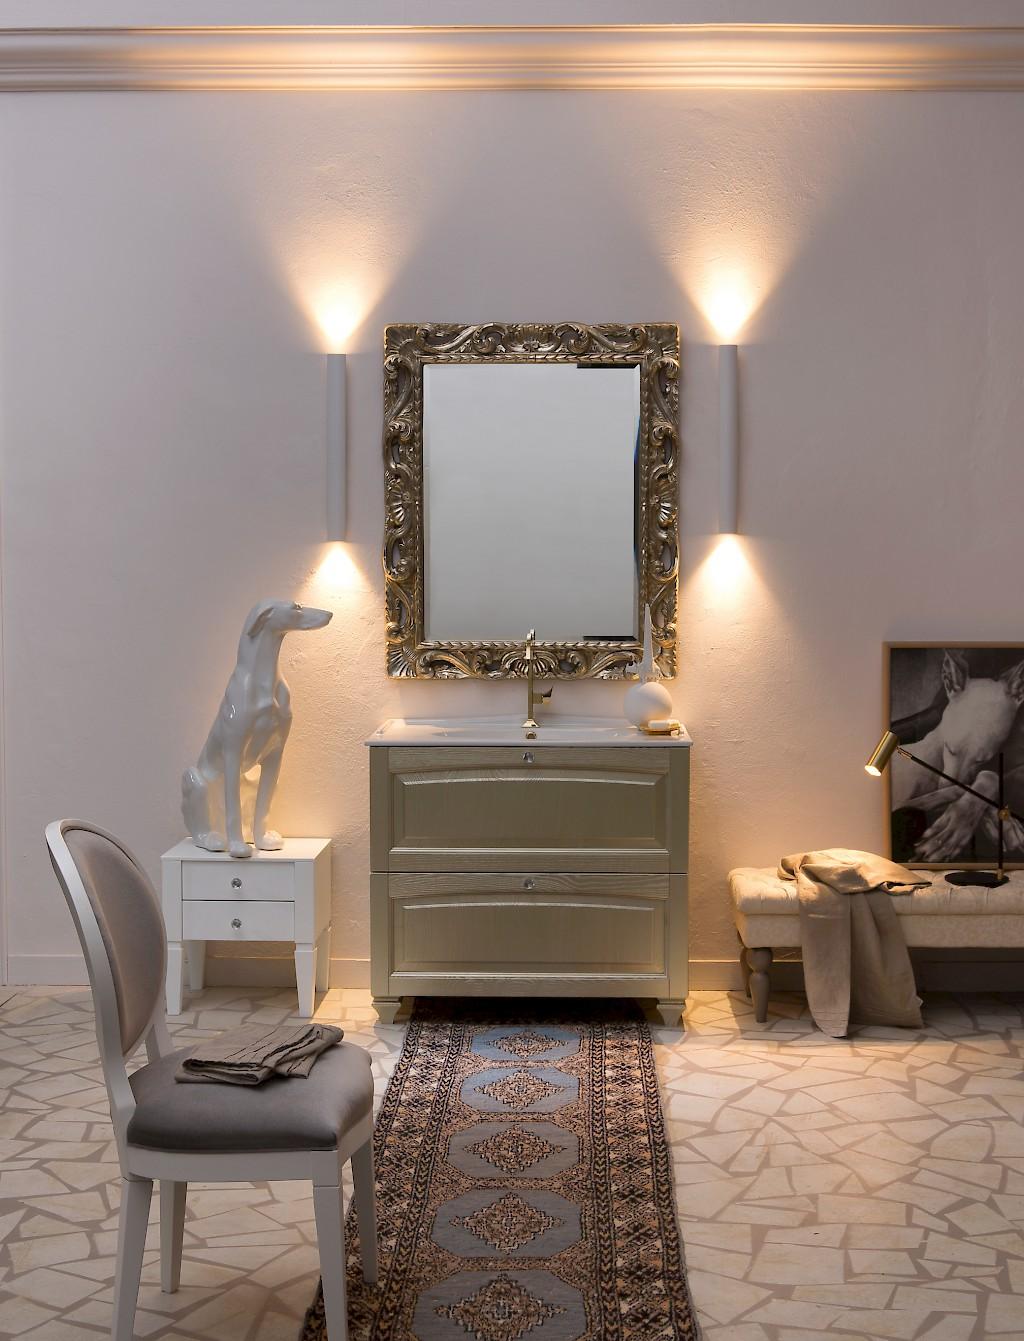 Acanthis AC21 - Mobile luxury arredo bagno L 47+97 x P 38/52 cm ...